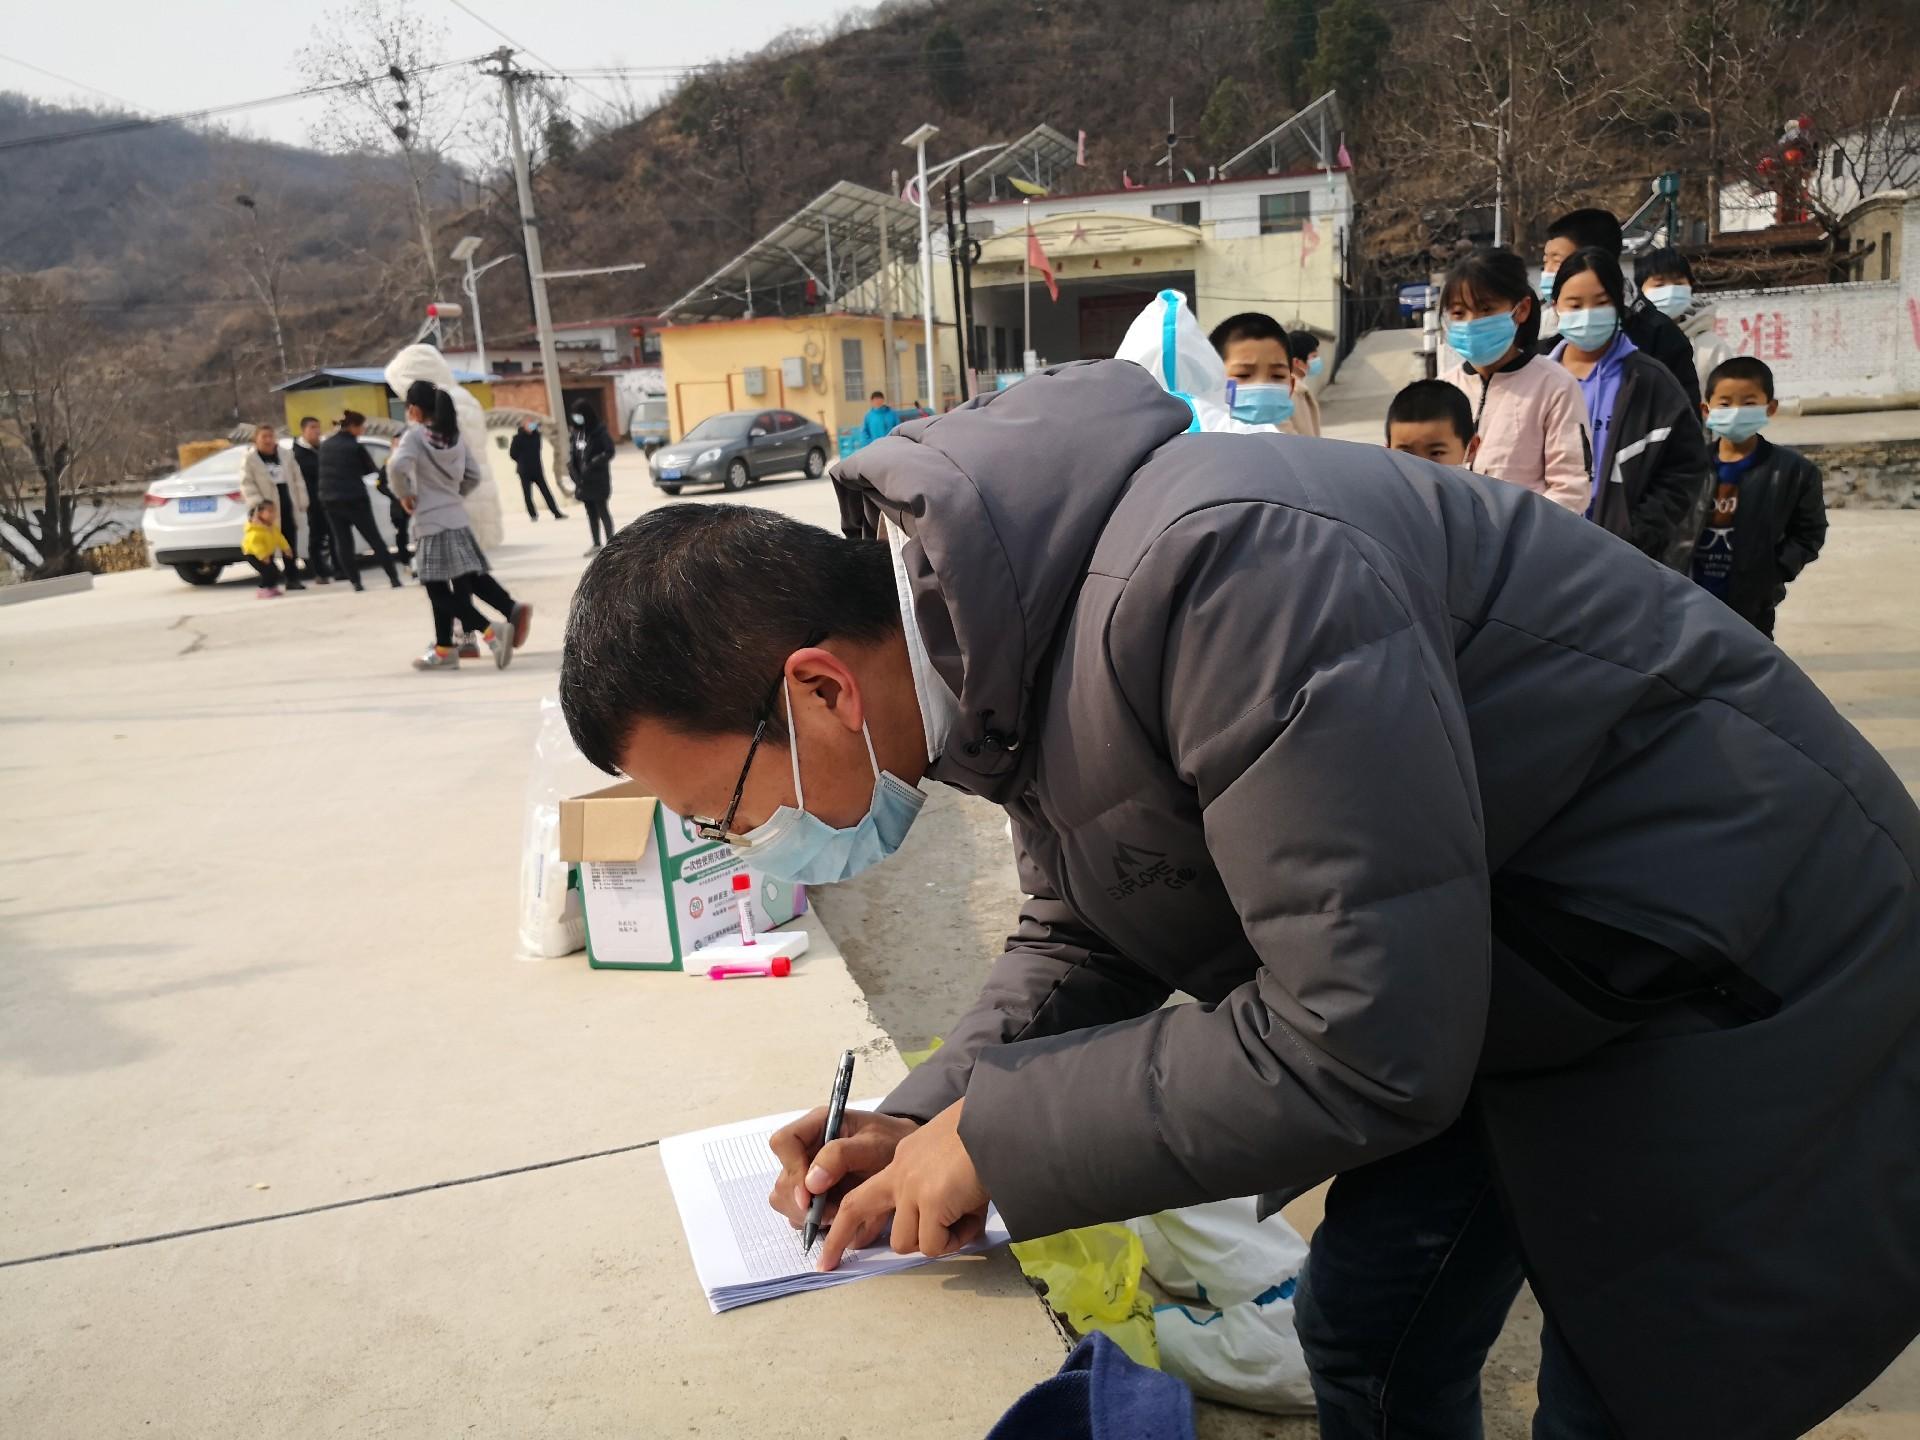 积极协助医务工作者入村核酸检测,为开学做好疫情防控准备.jpg